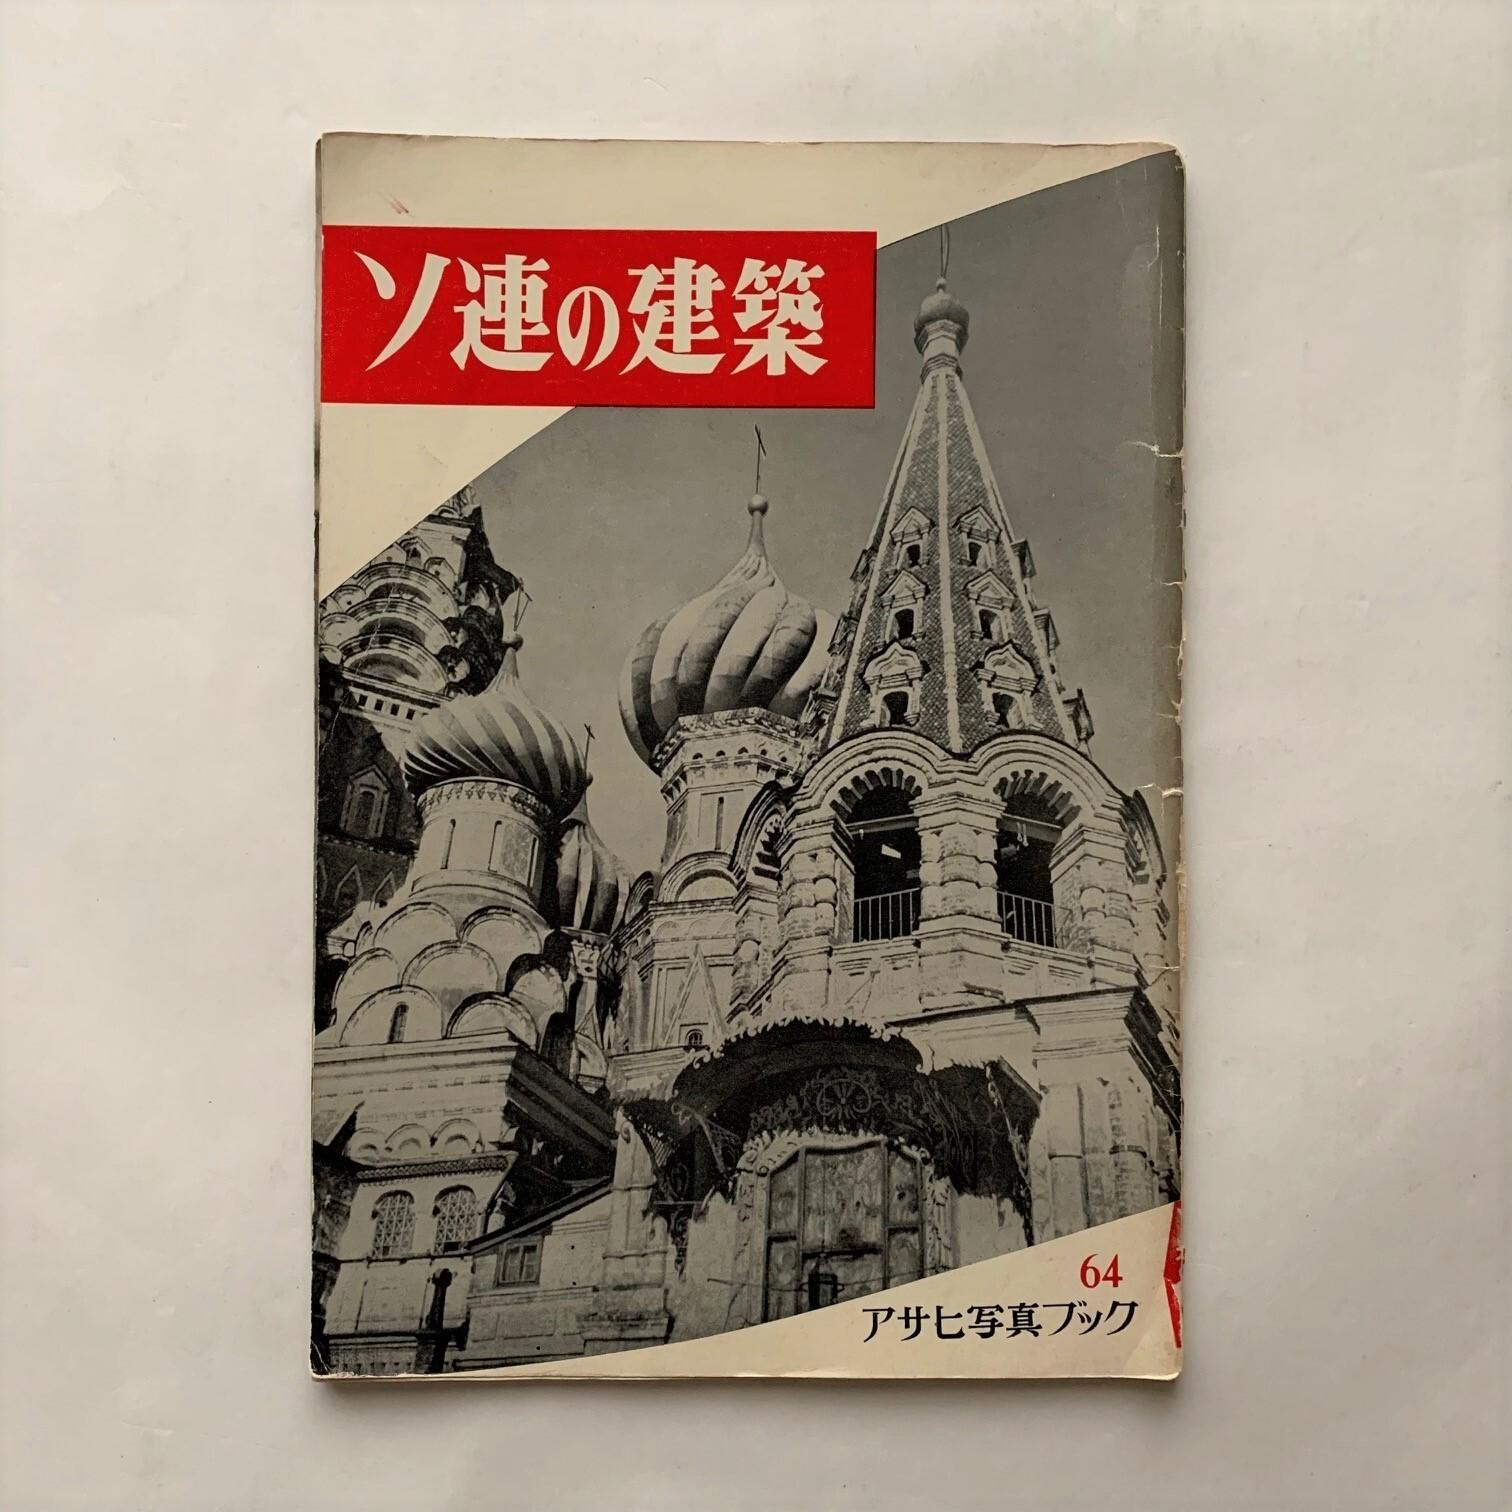 ソ連の建築 / アサヒ写真ブック64 / 朝日新聞社 編